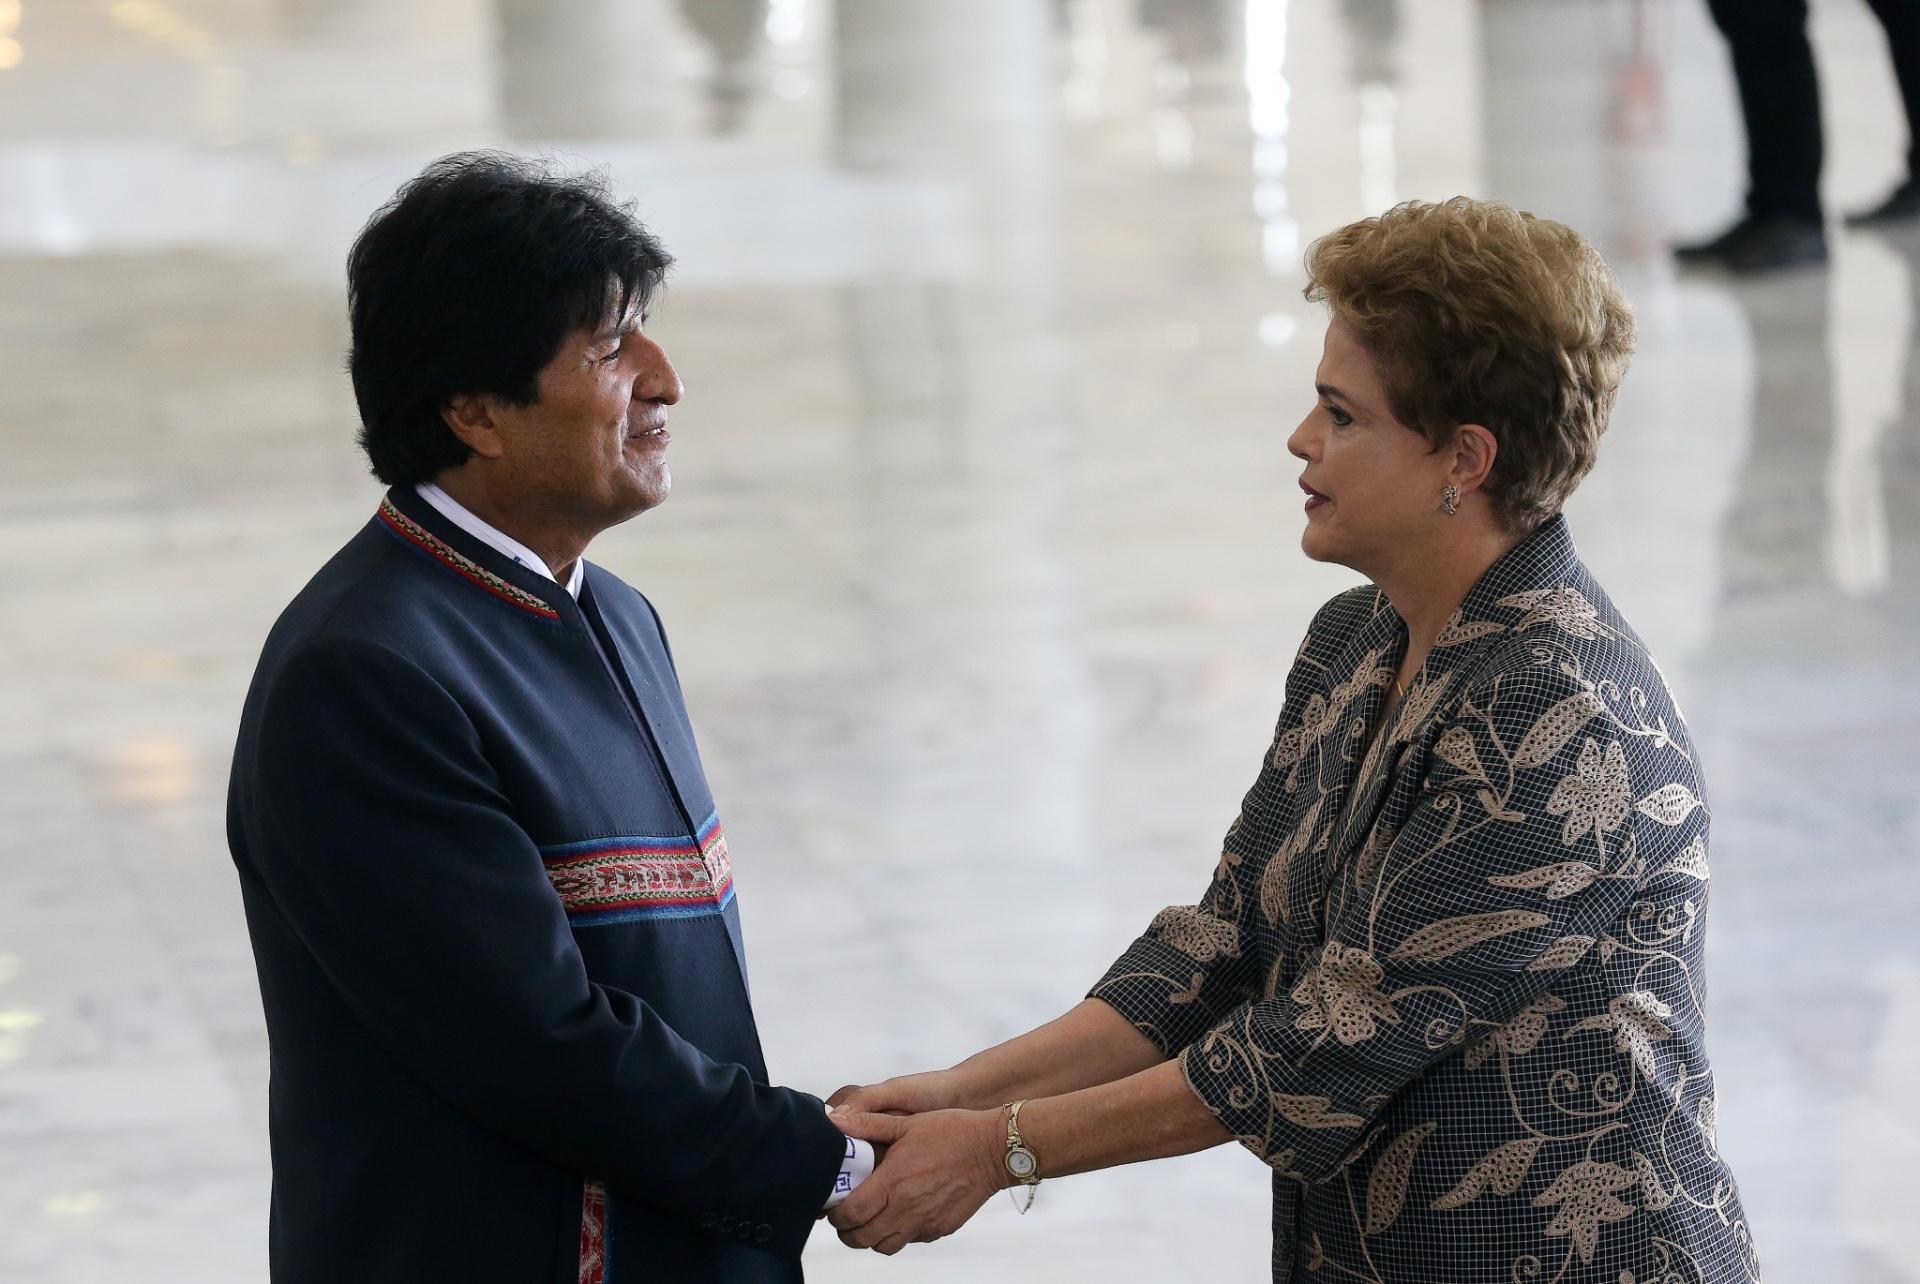 2.fev.2016 - A presidente Dilma Rousseff recebe o presidente da Bolívia, Evo Morales, durante cerimônia oficial de chegada no Palácio do Planalto em Brasília (DF). Esta é a primeira visita oficial de Morales ao Brasil desde que Dilma tomou posse em 2011. Segundo o Ministério das Relações Exteriores, a visita tem por objetivo reforçar e dinamizar os mecanismos de coordenação política e econômica